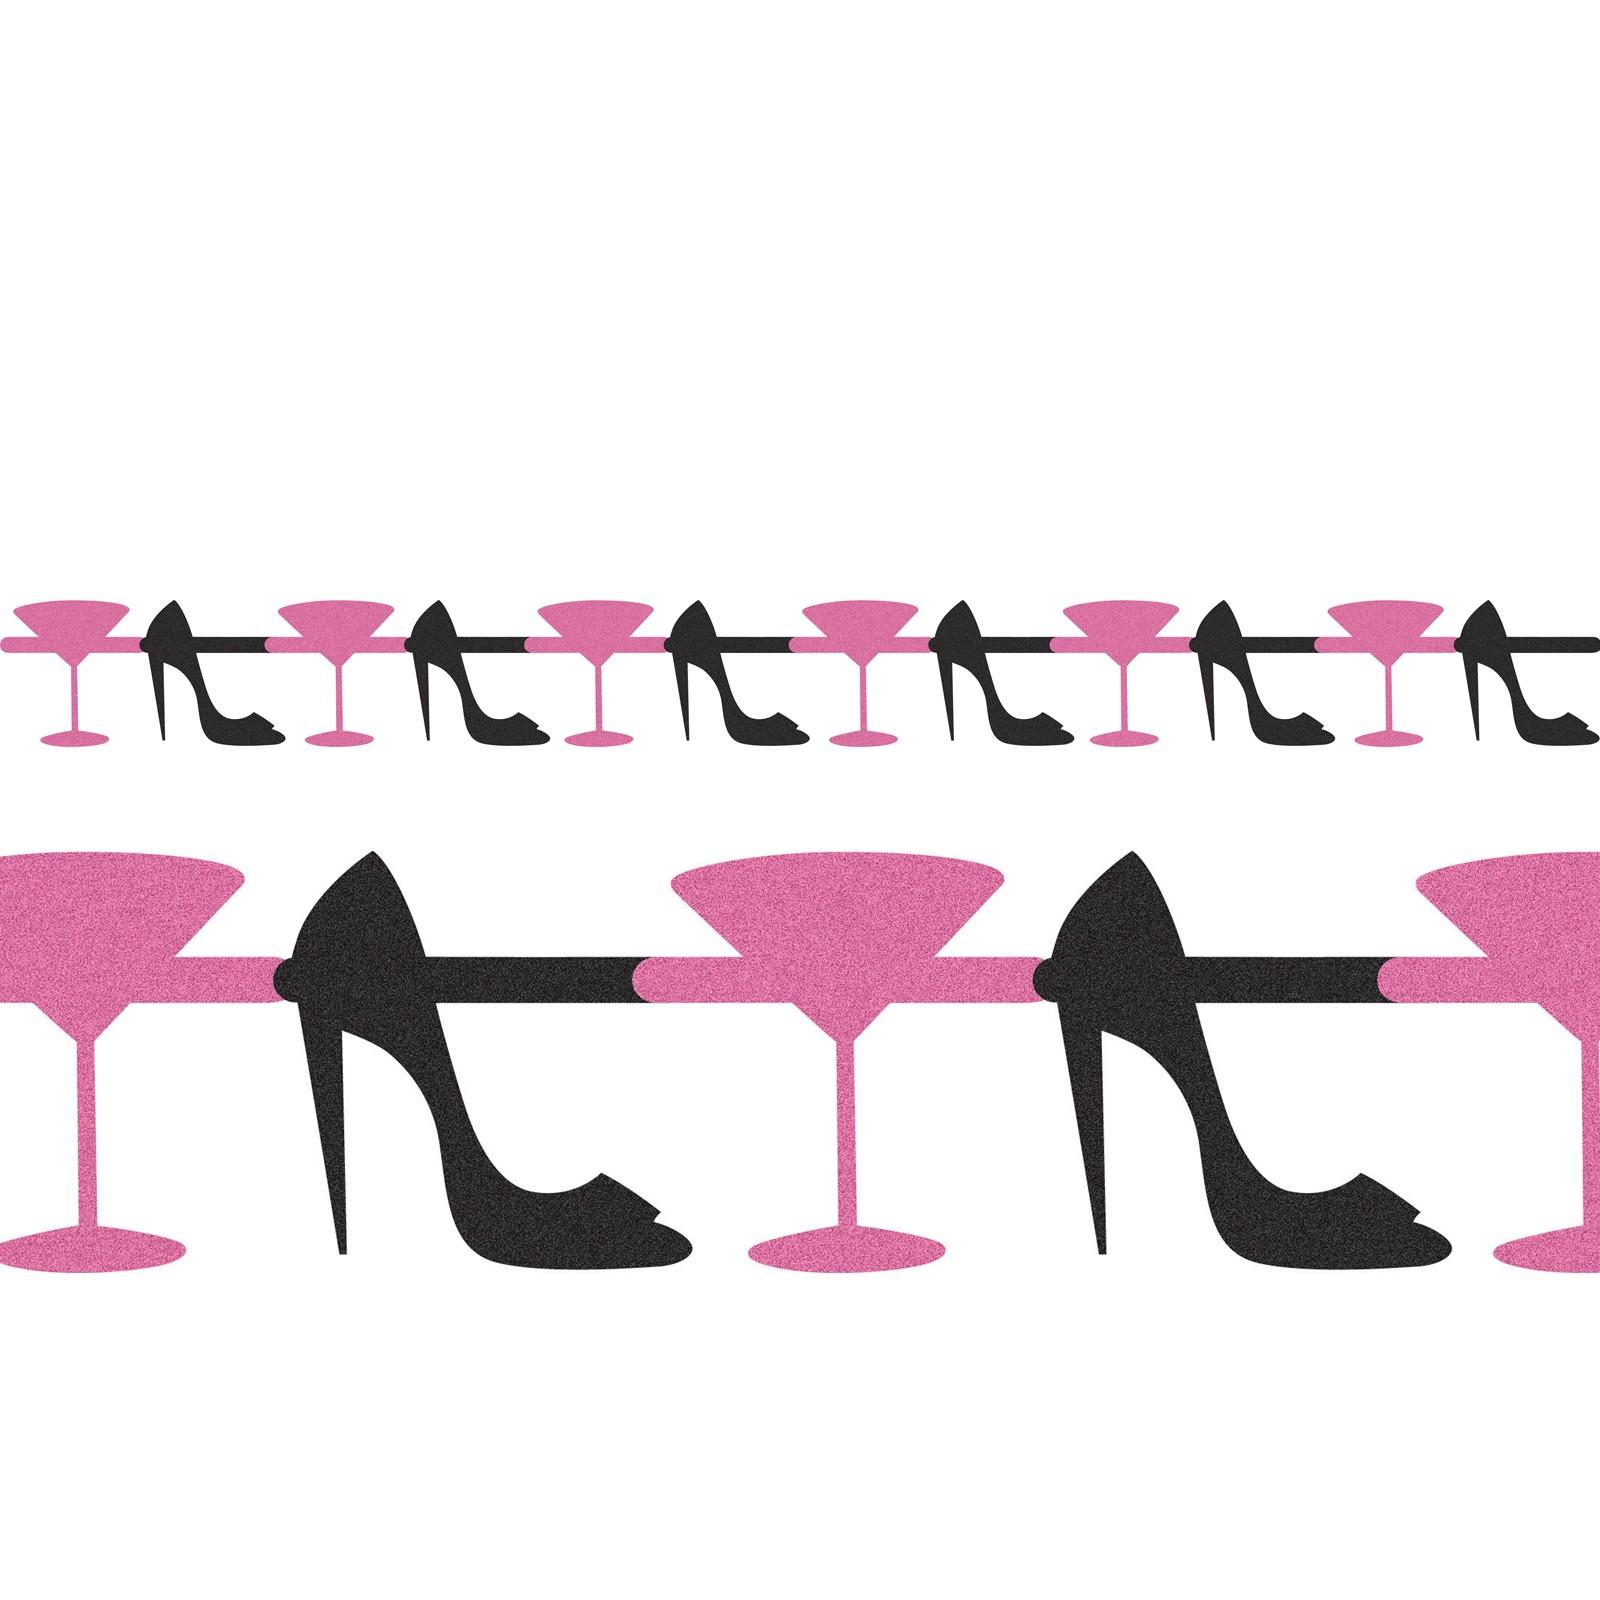 Girlande mit Cocktail-Gläsern und High Heels